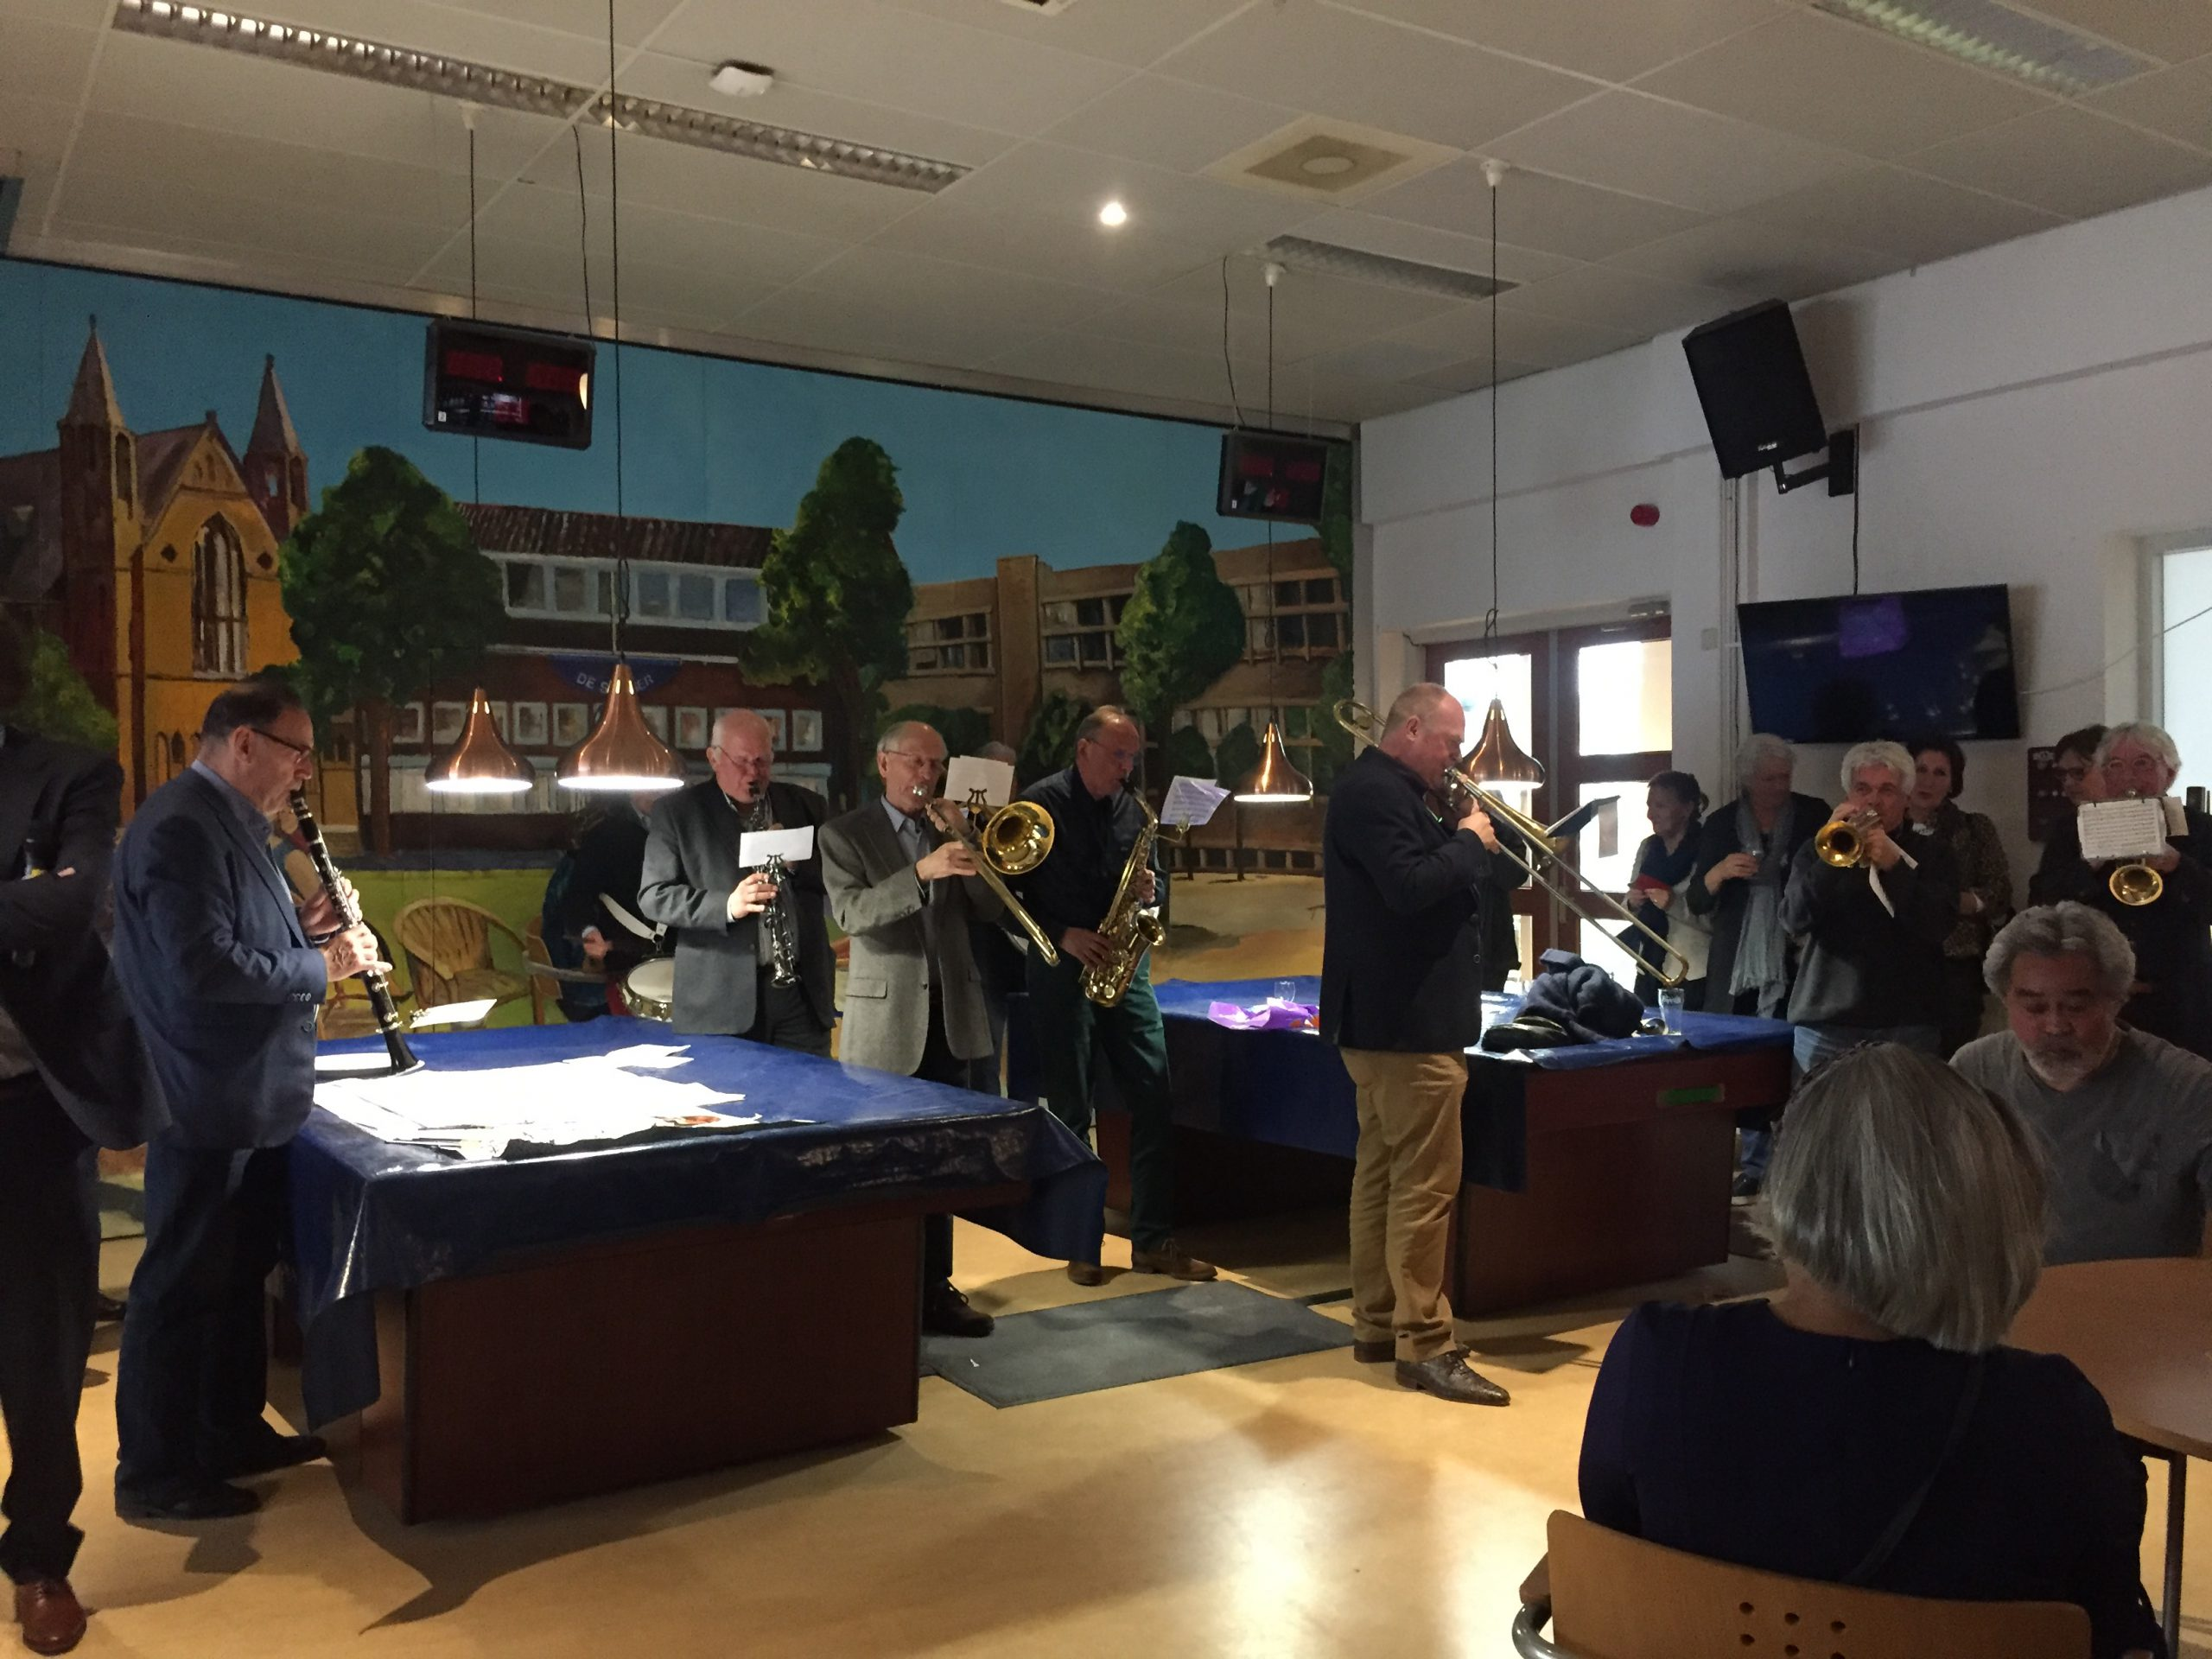 Muziek in de ontmowtingsruimte van Wijkgebouw De Slinger